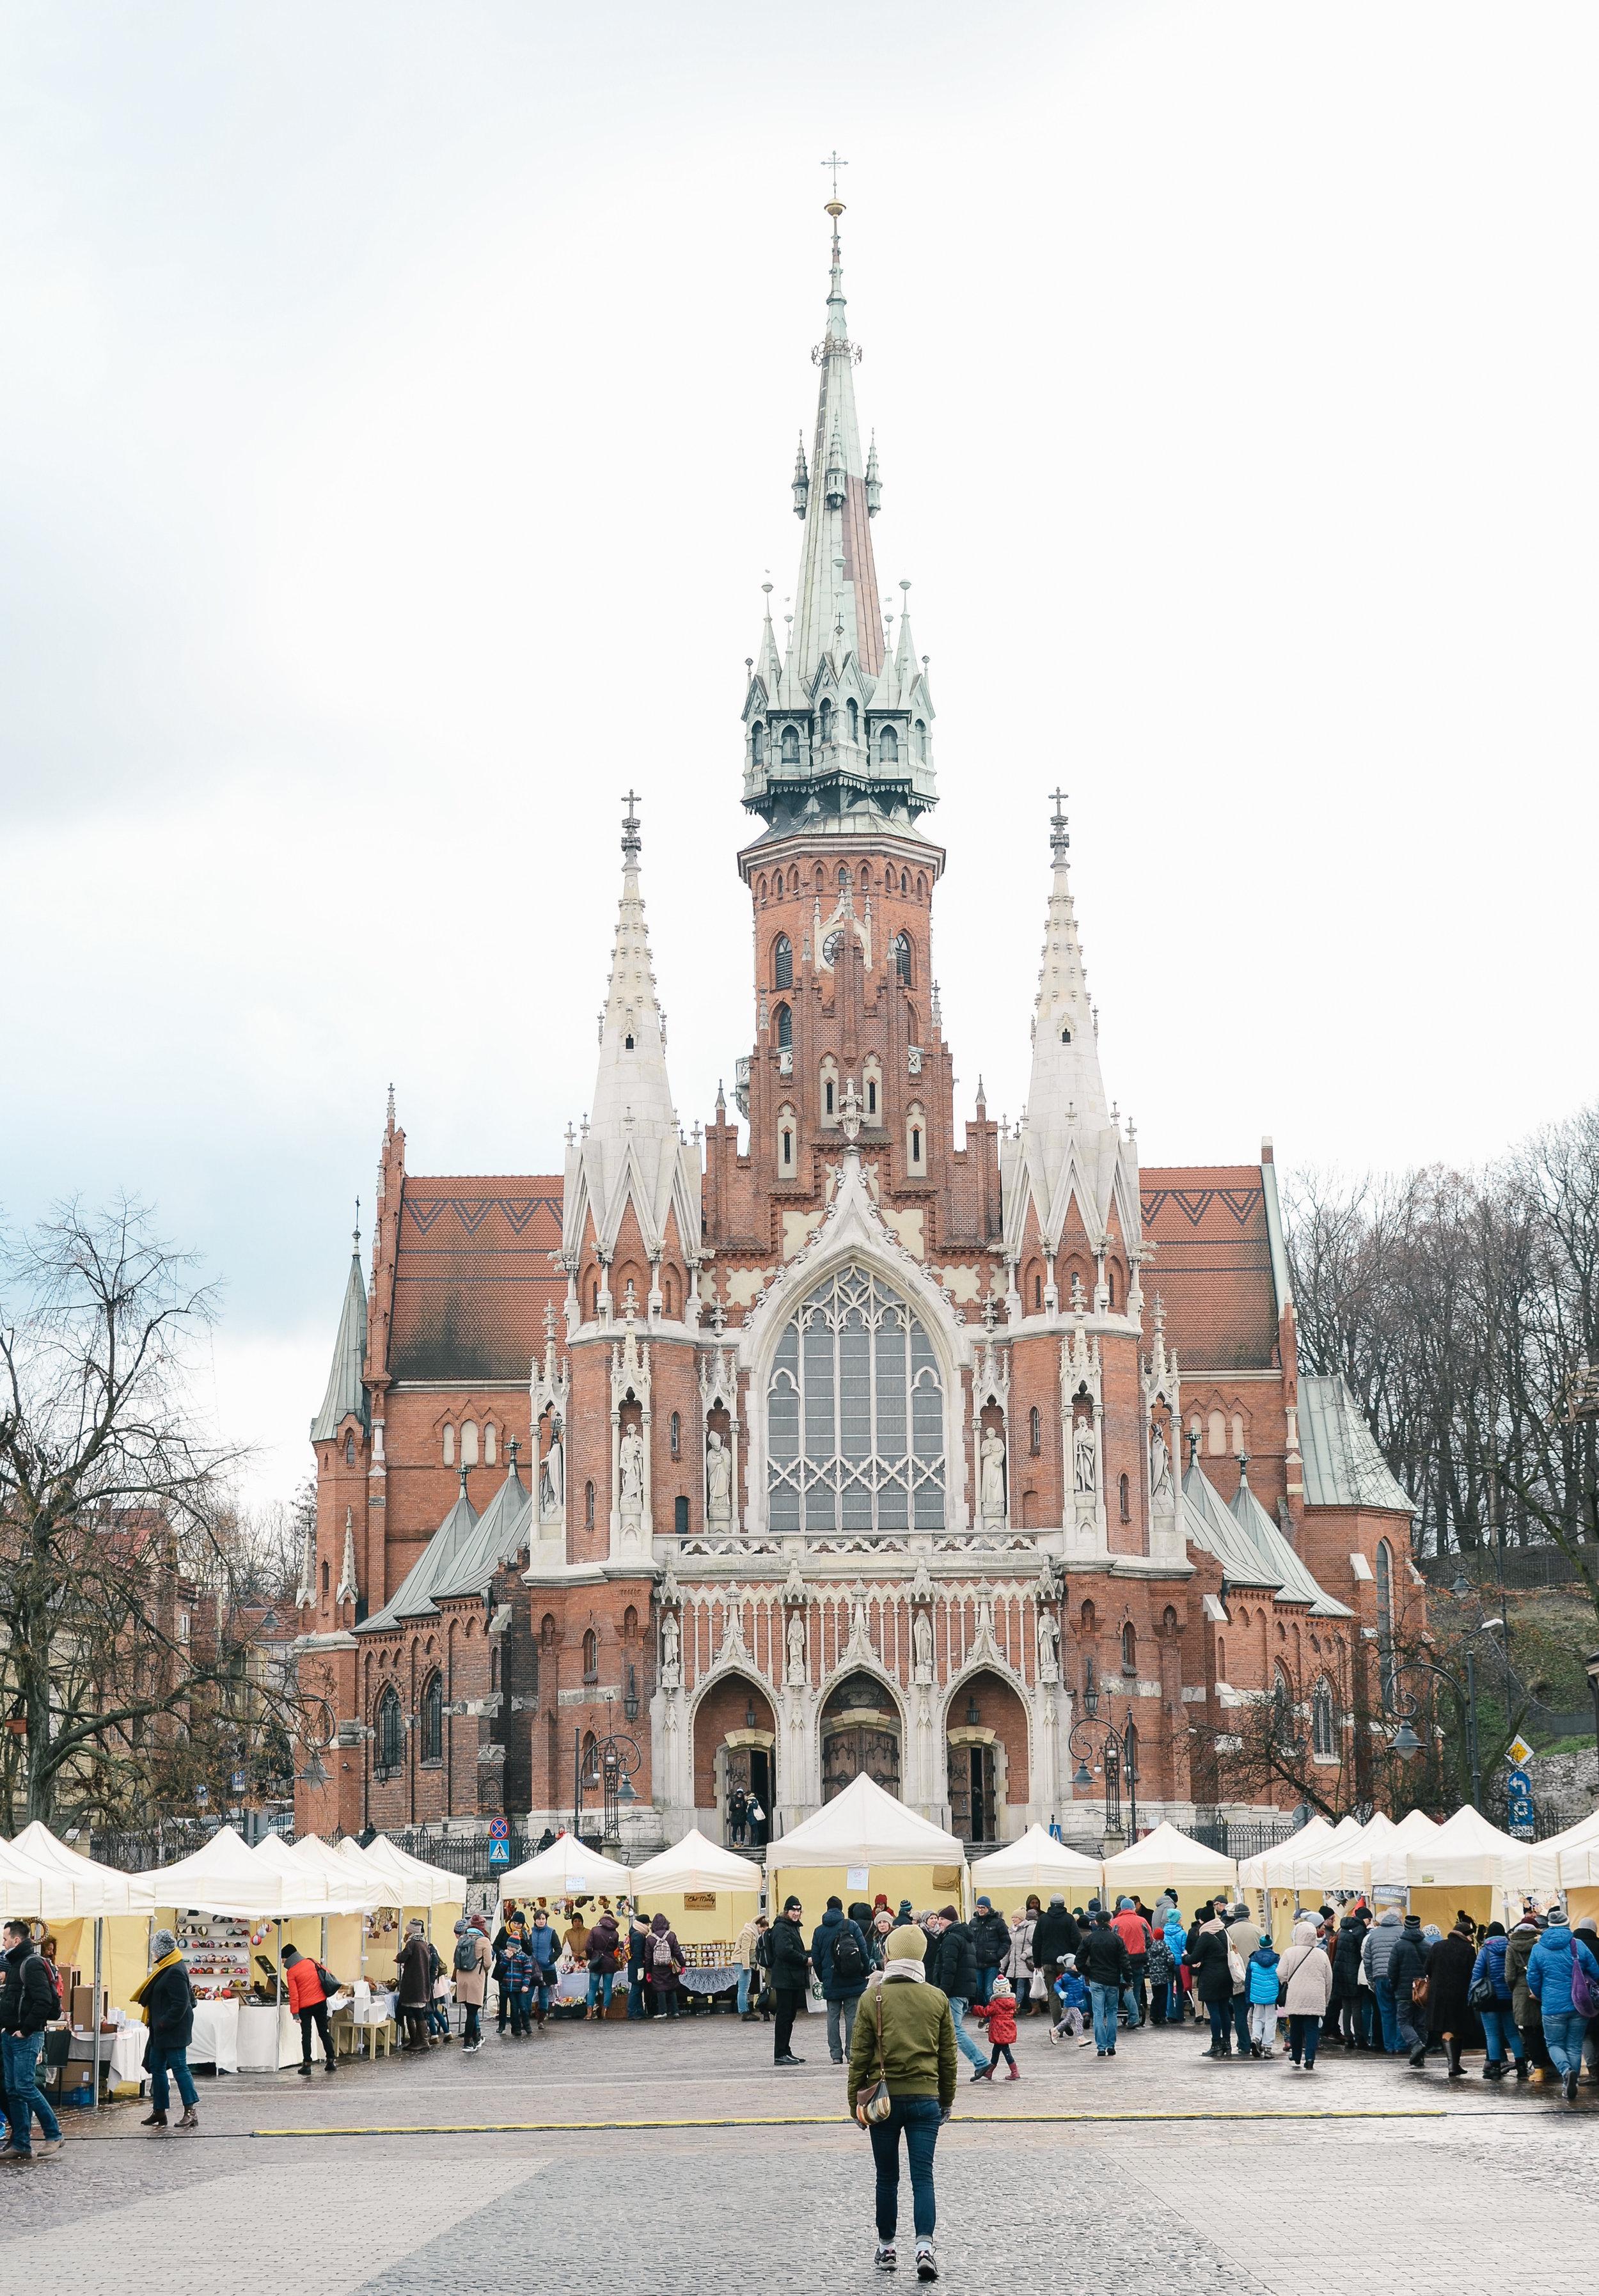 krakow-poland-travel-guide-lifeonpin_DSC_1126.jpg